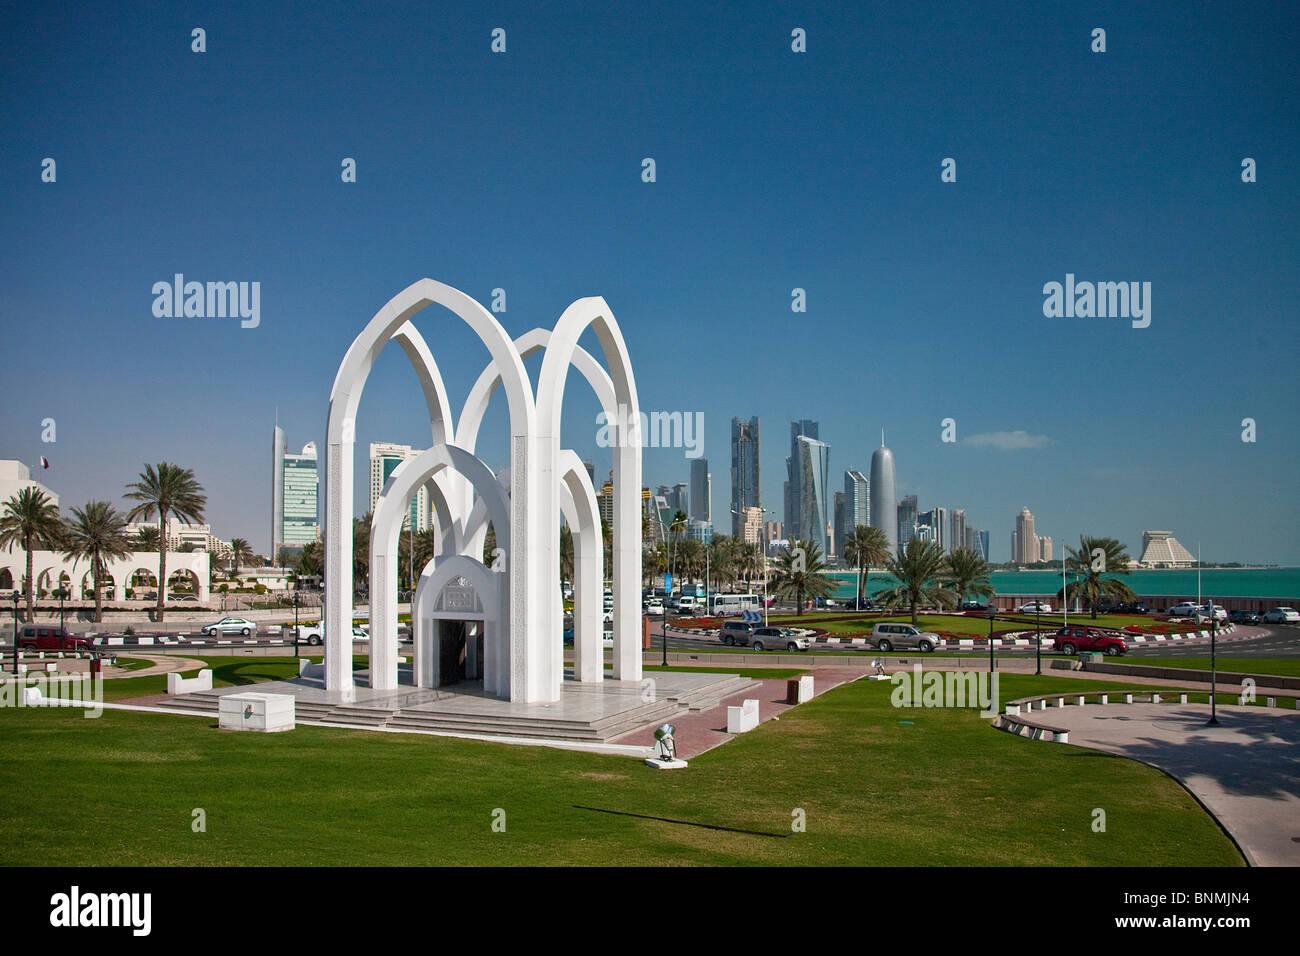 Il Qatar EMIRATI ARABI UNITI Emirati Arabi Uniti Doha curve di Bidda arte plastica specialità in viaggio luogo Immagini Stock